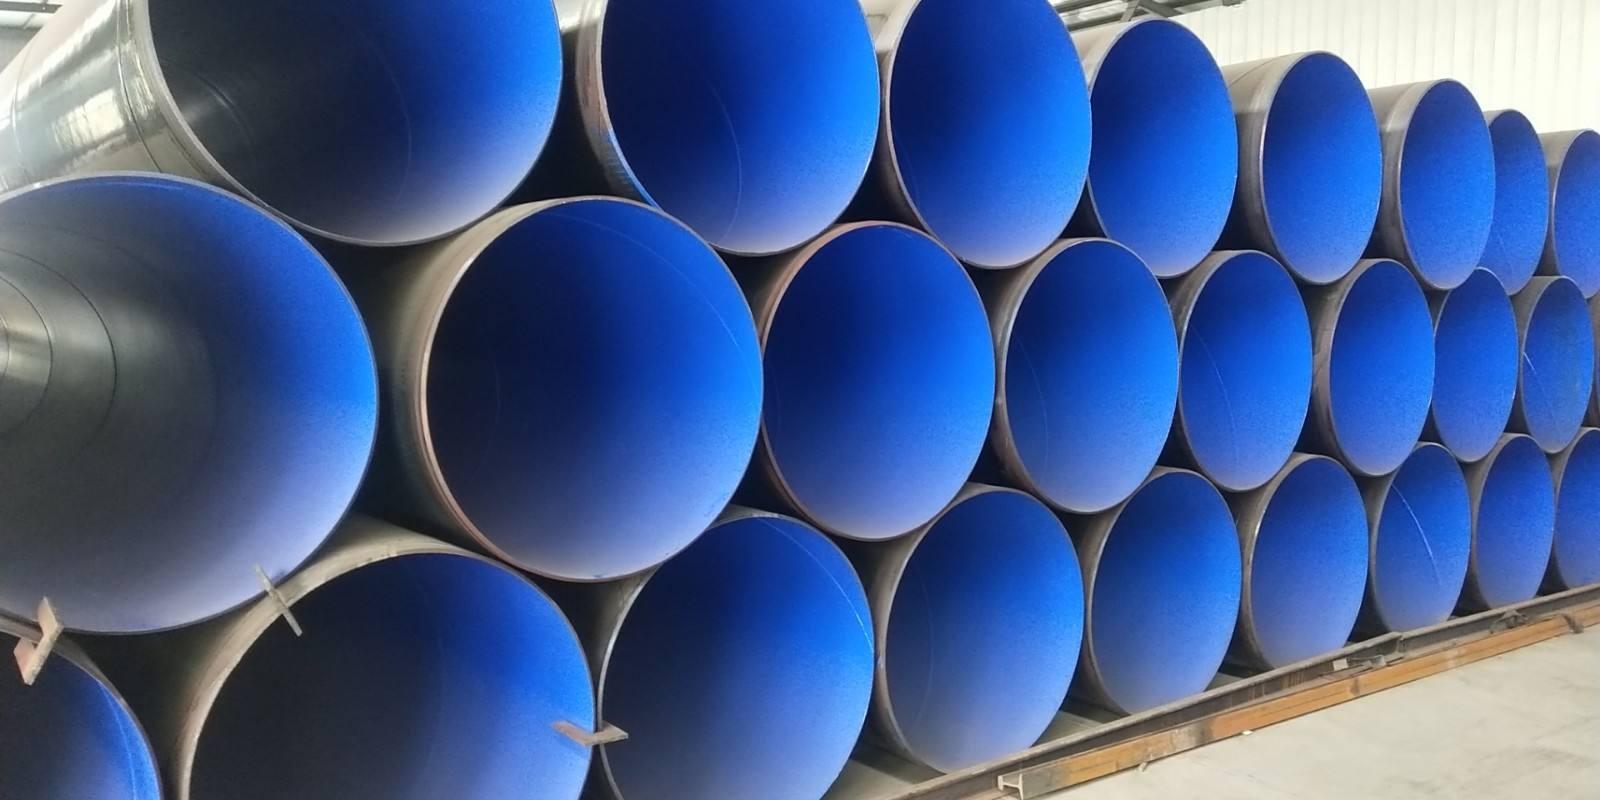 防腐阻燃塑料管厂家介绍PP管的标准